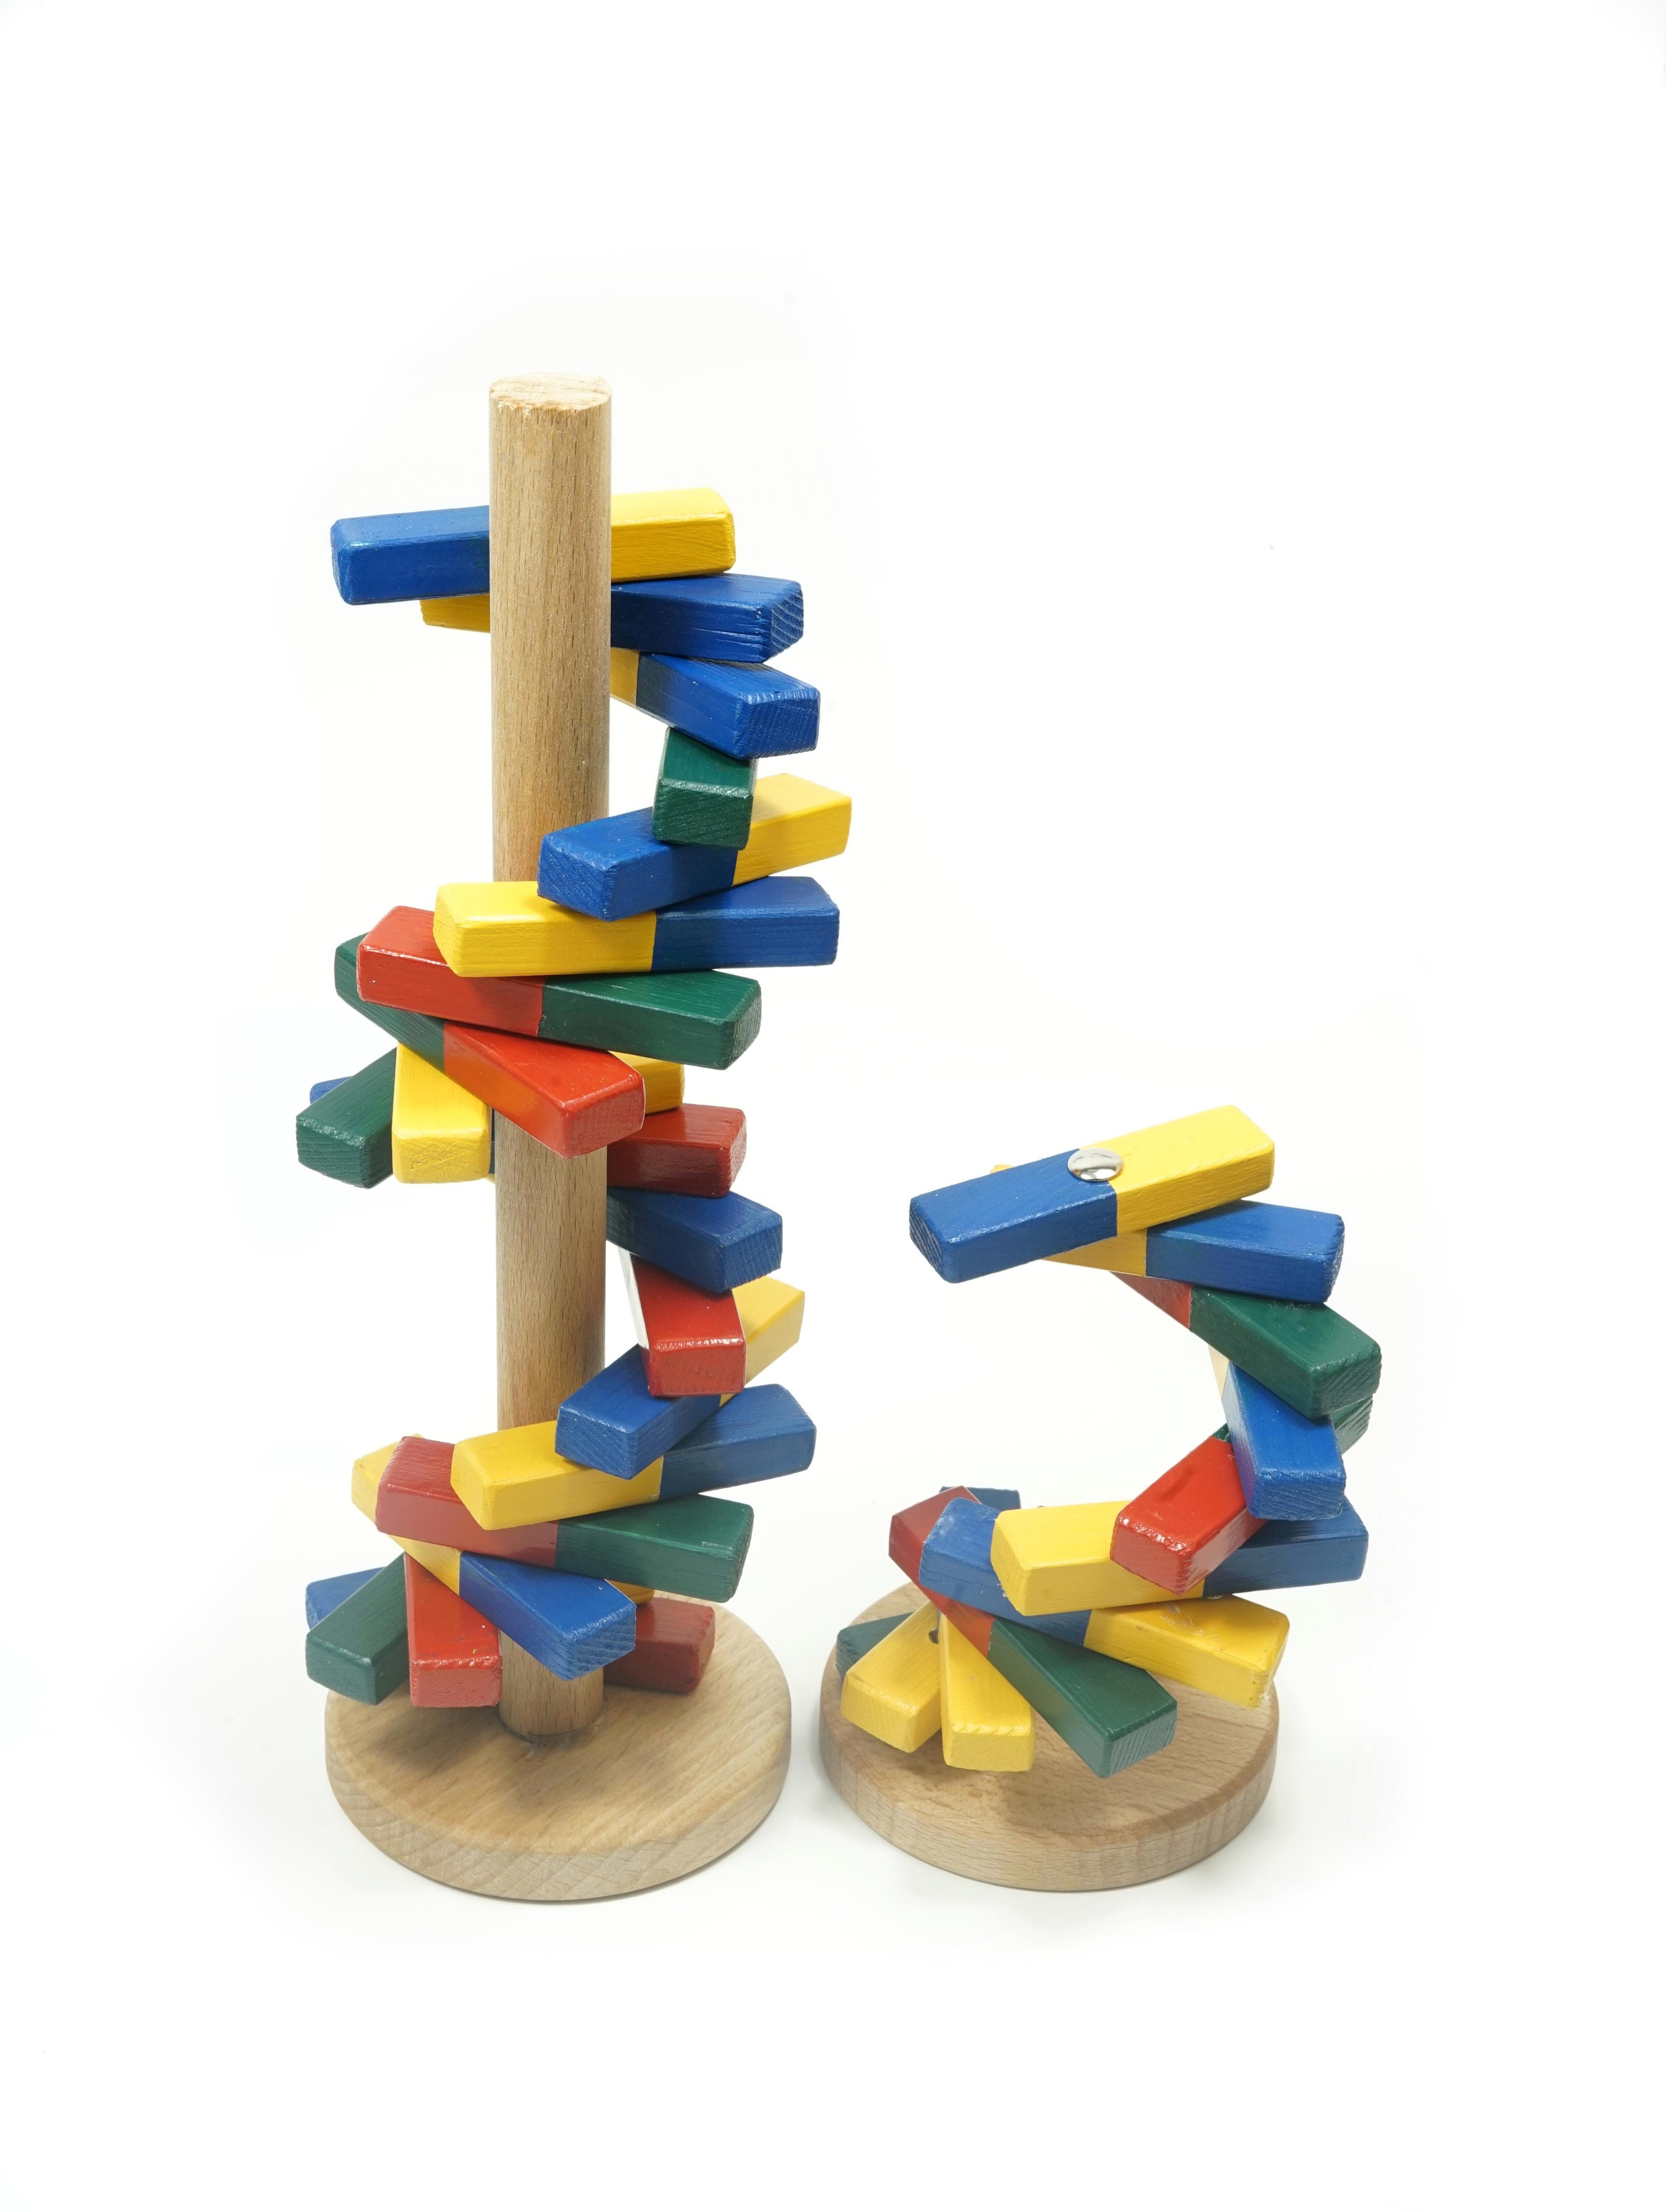 Das nachhaltige DNA-Modell